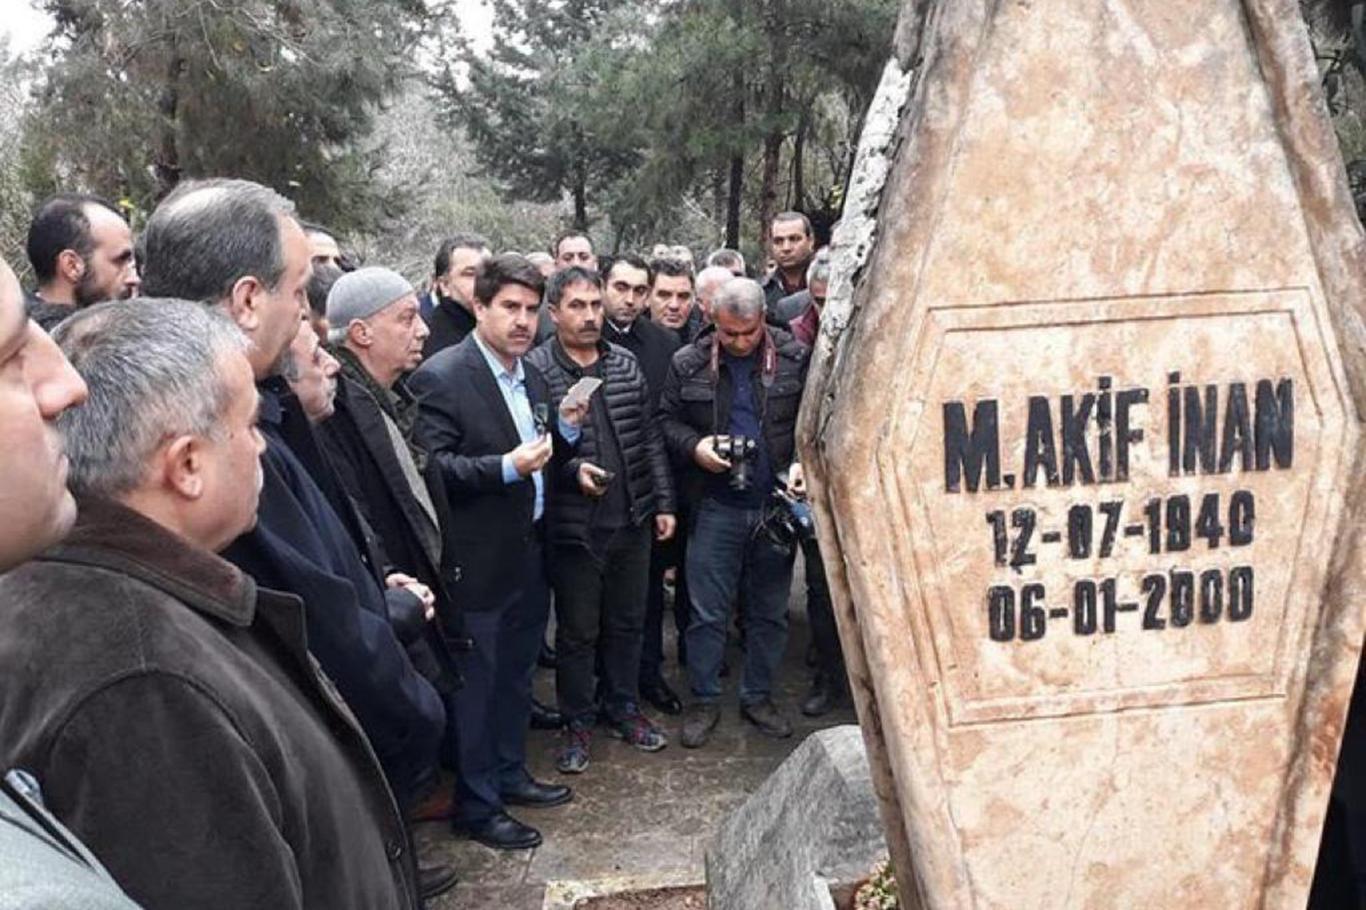 Kudüs Şairi Mehmet Akif İnan unutulmadı - 6. Sayfa - Galeri - Doğruhaber